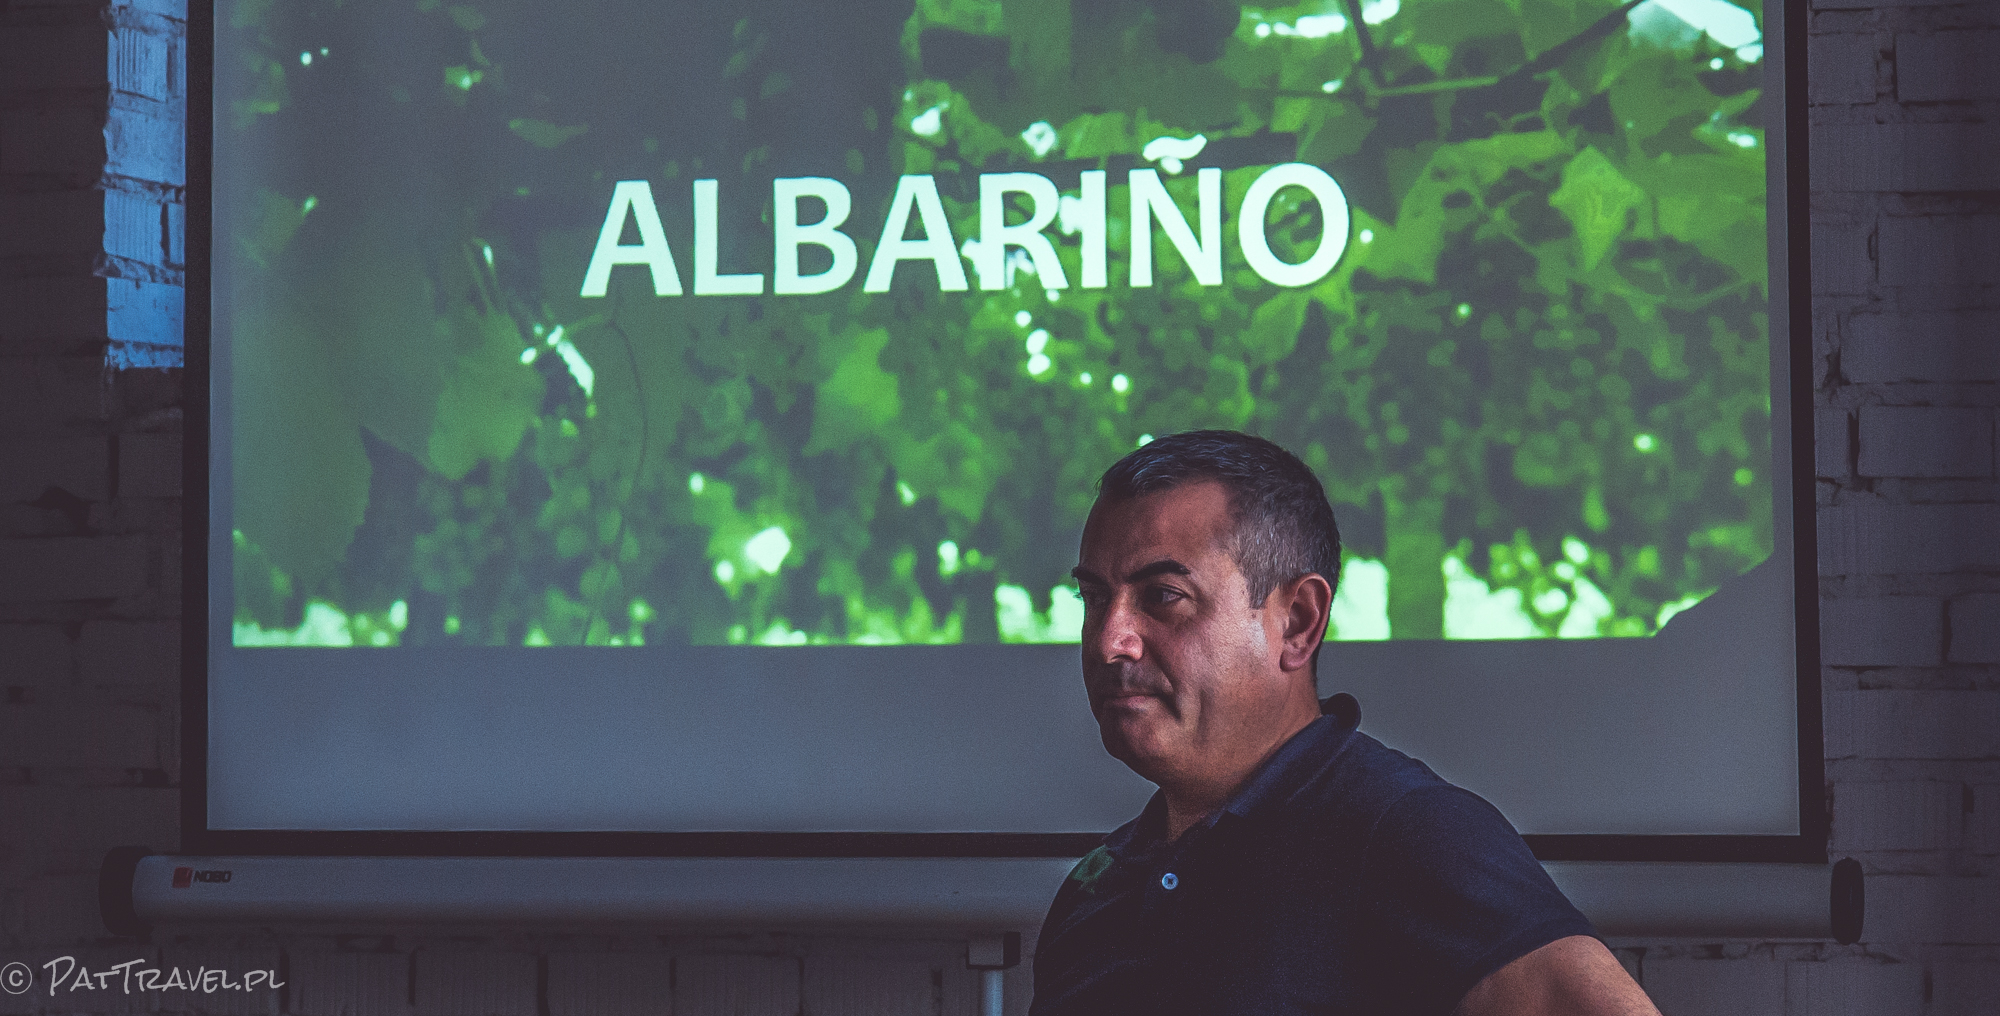 pattravel_2017_albarino-degustacja-0